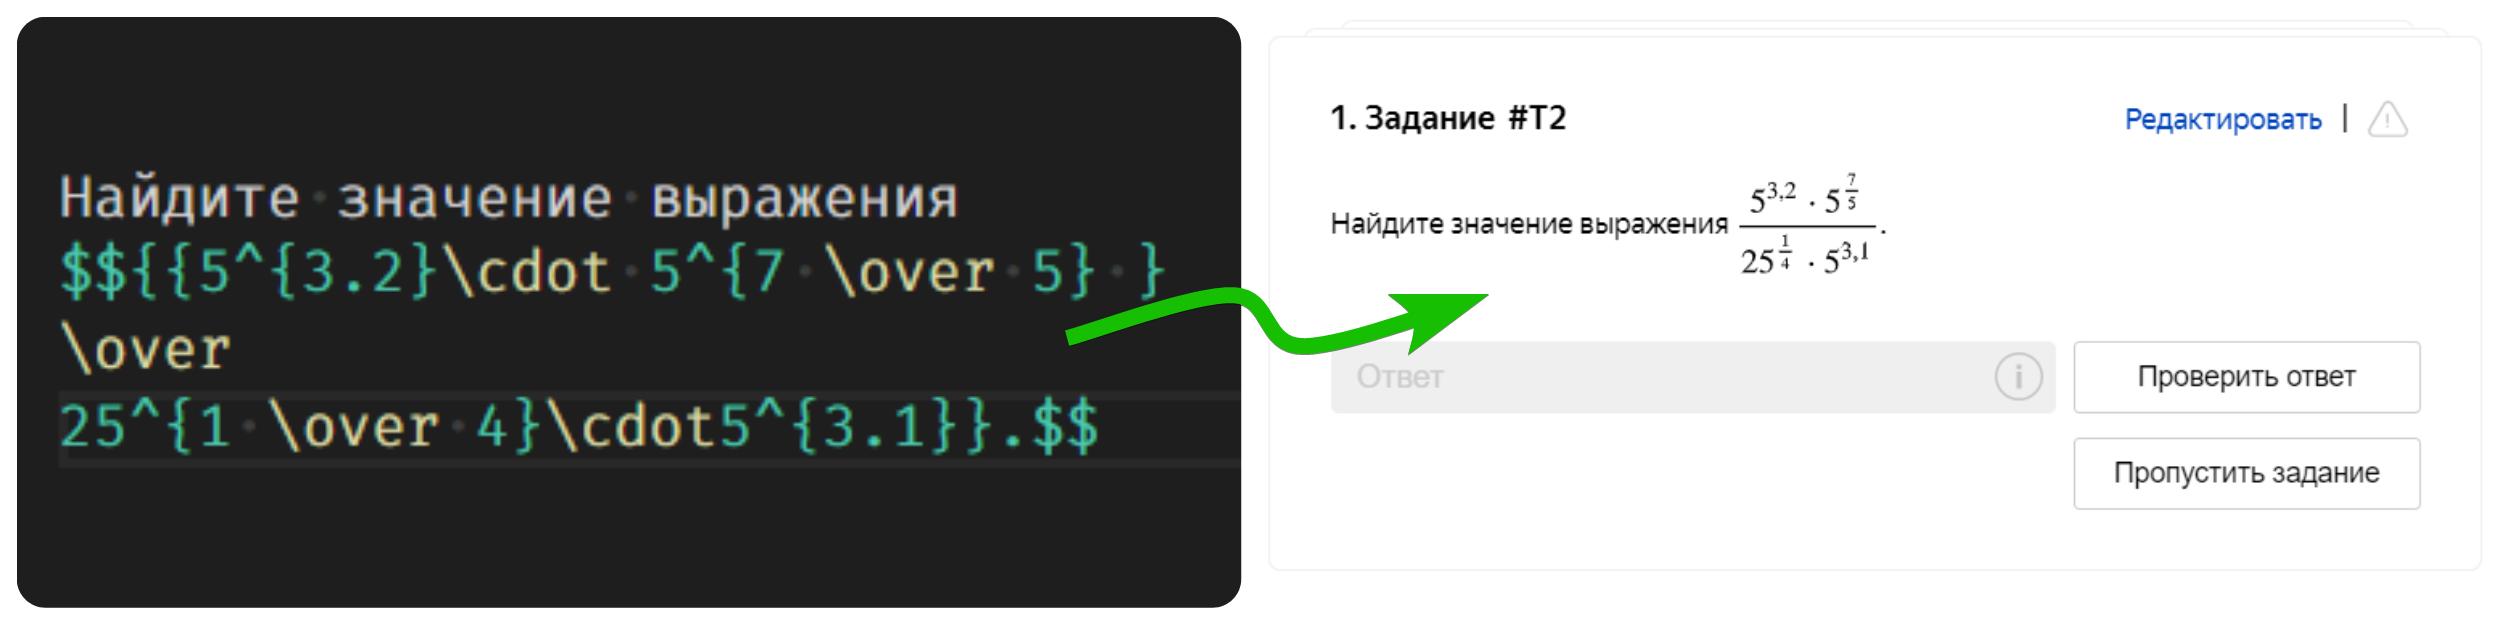 TeX в SVG: опенсорс-решение в помощь веб-разработчикам образовательных проектов - 1